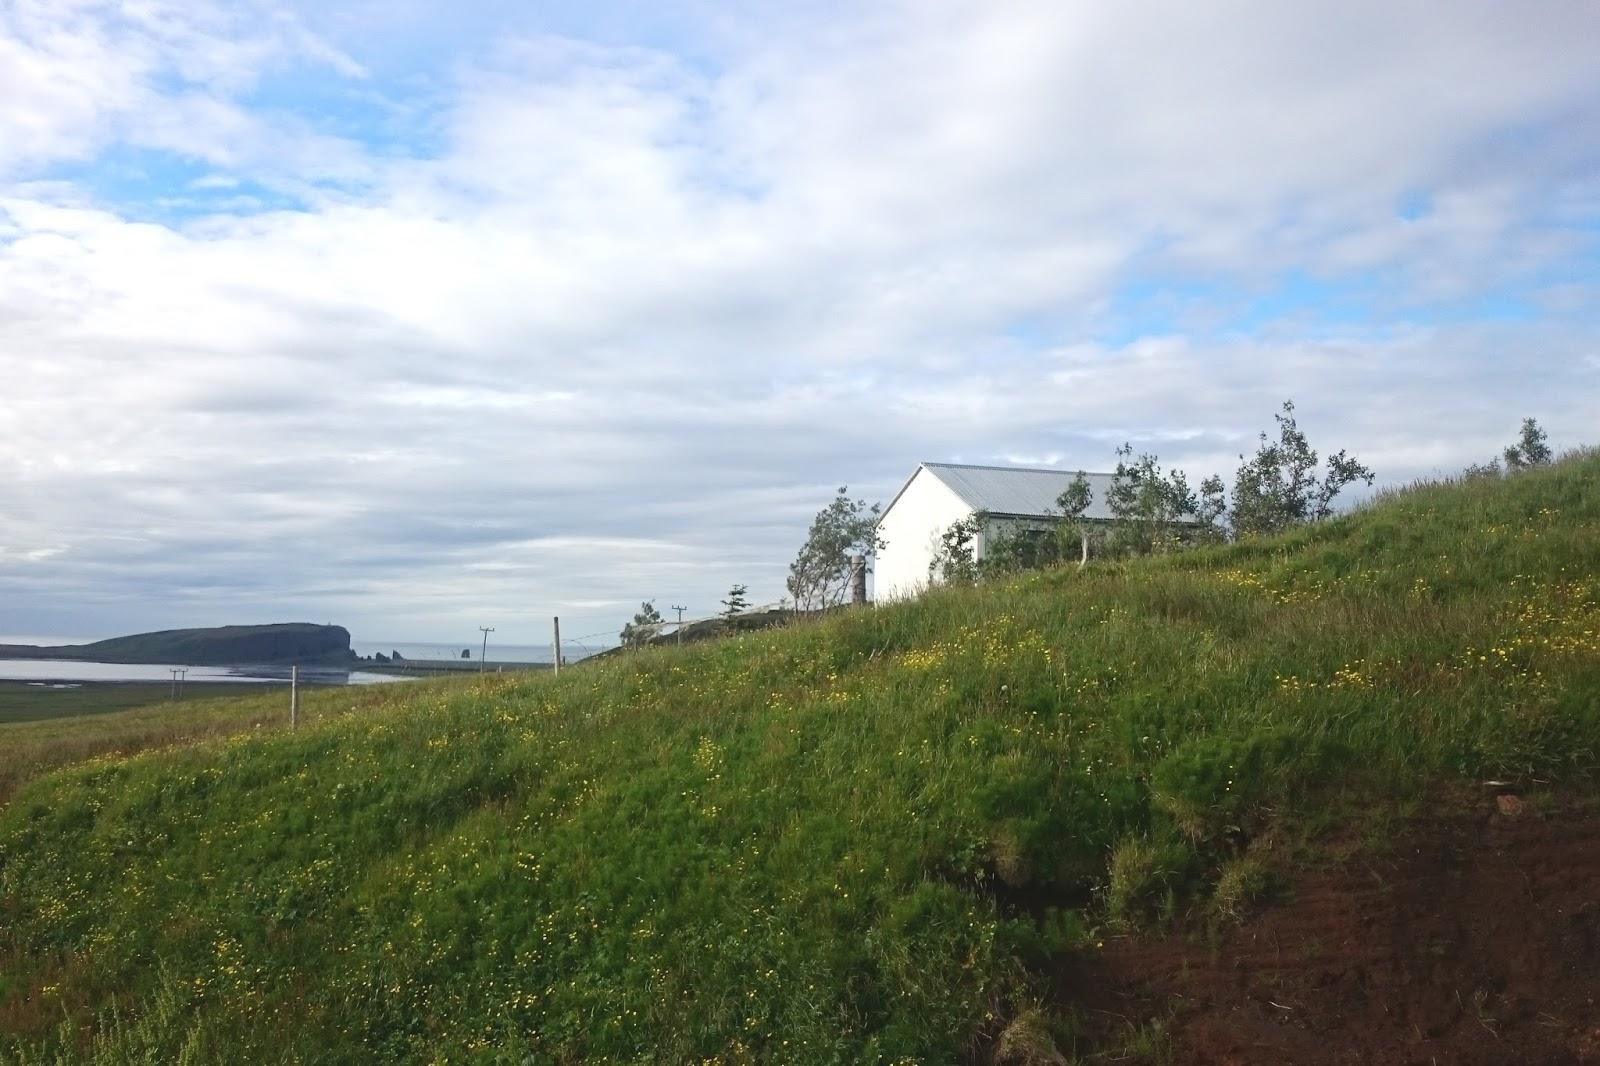 islandzki krajobraz, Islandia, południowa Islandia, zwiedzanie Islandii, co zobaczyć w Islandii, blog o Islandii